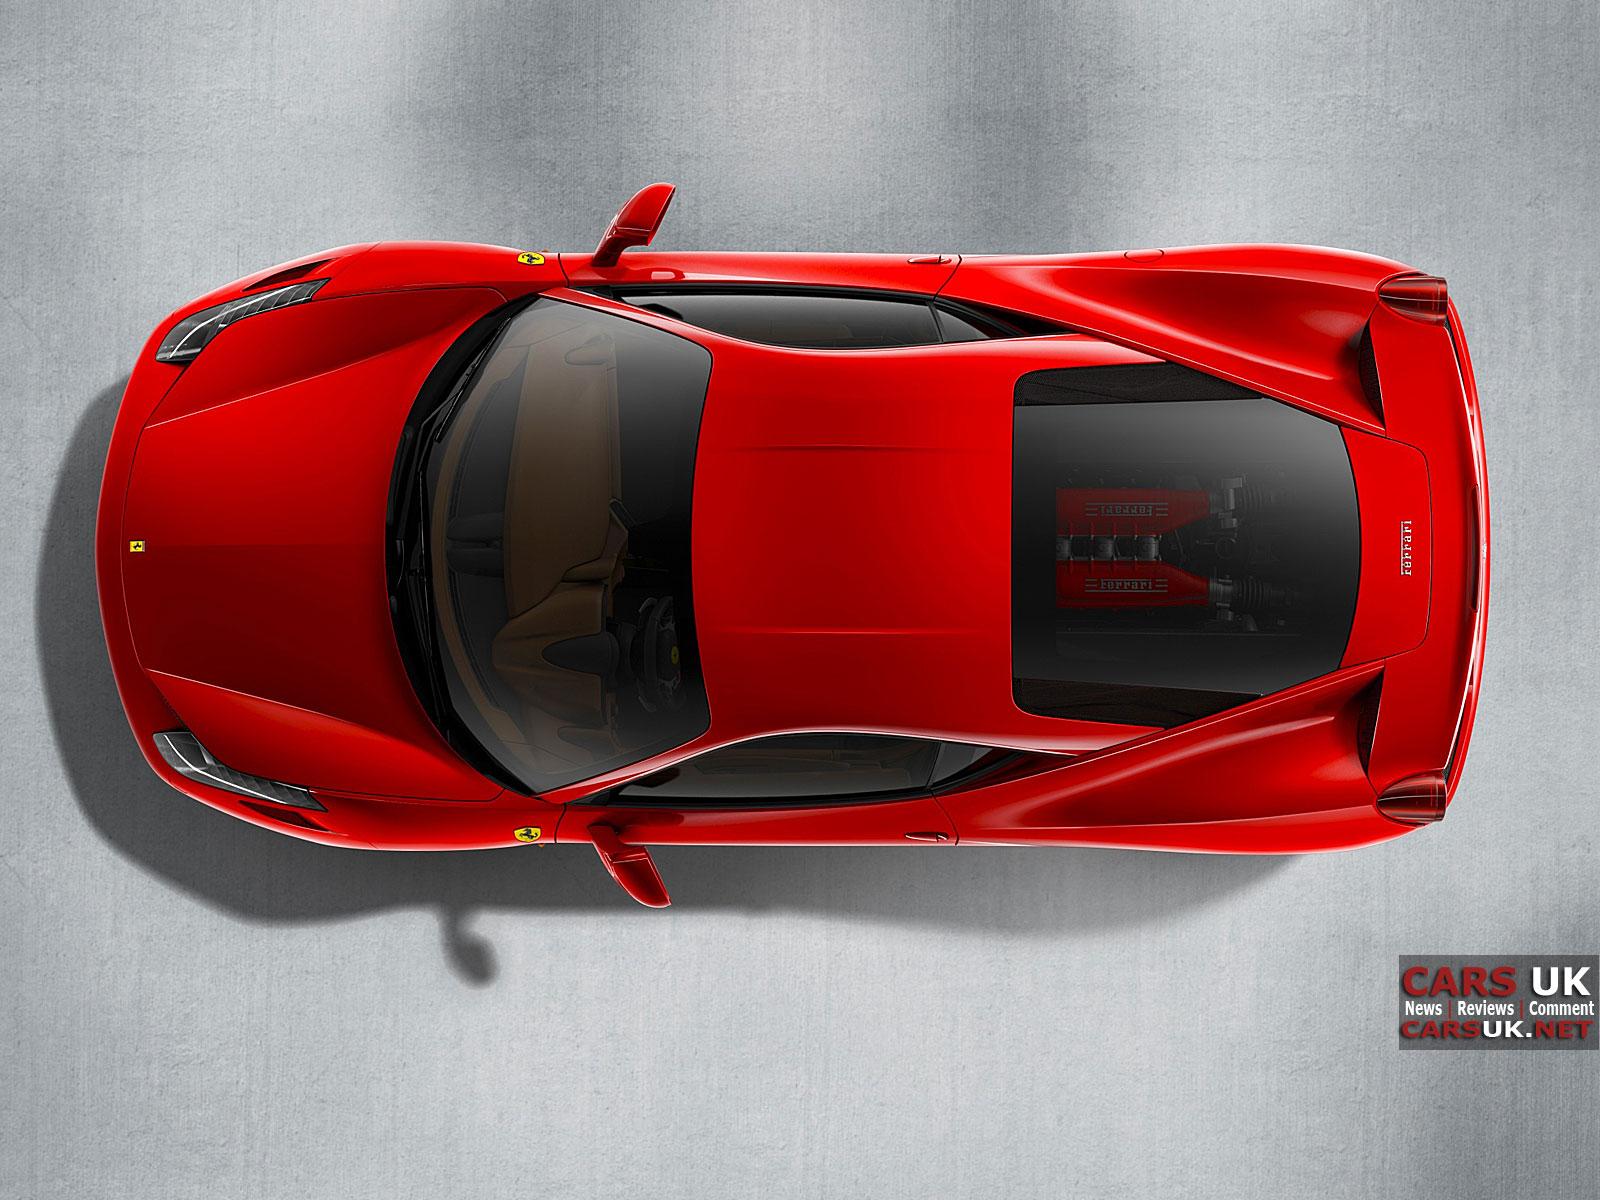 красная машина, фото, обои для рабочего стола, red car, ferrari